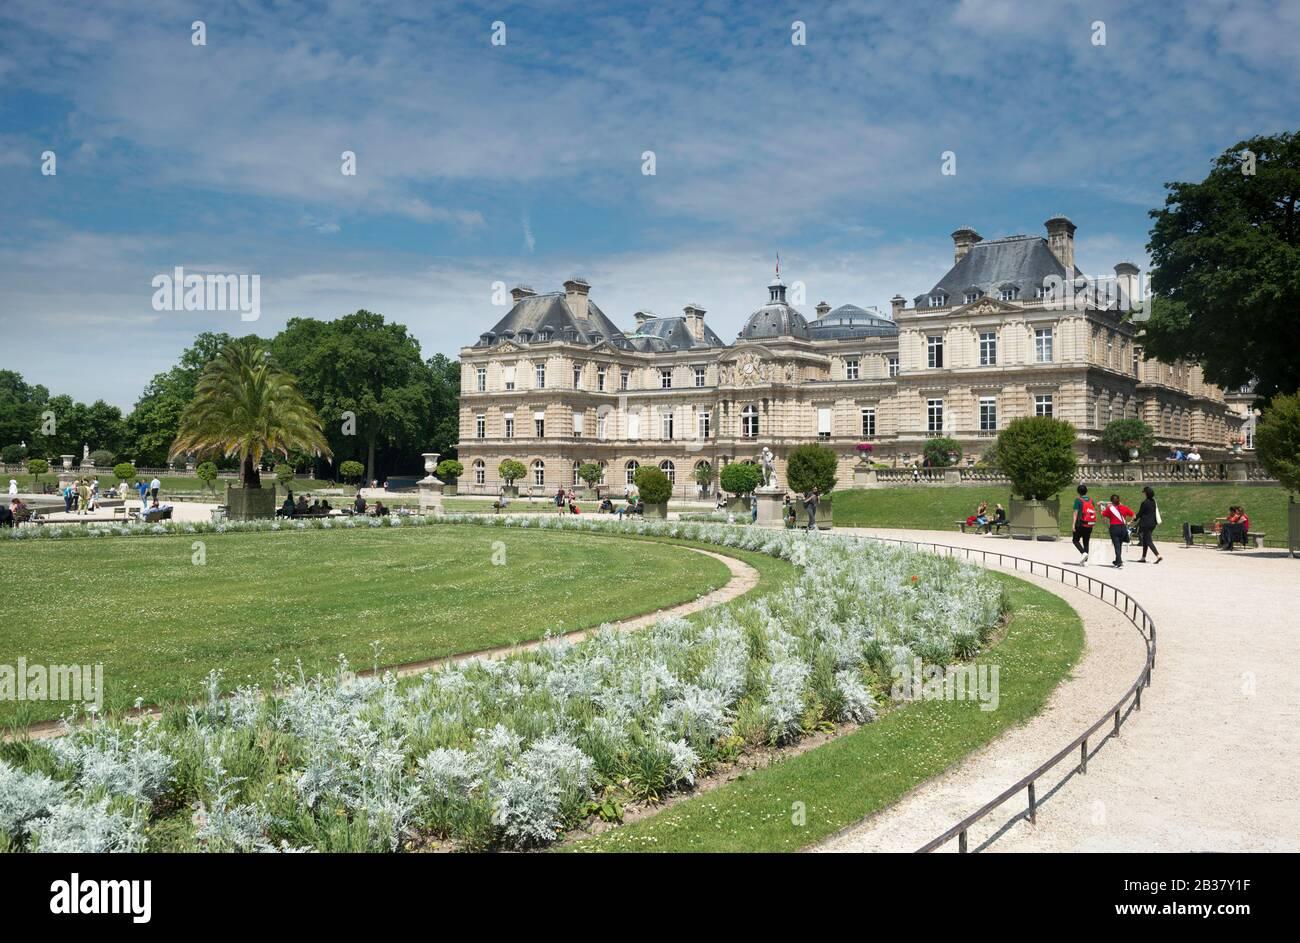 Palais Et Jardin De Luxembourg Photos Palais Et Jardin De